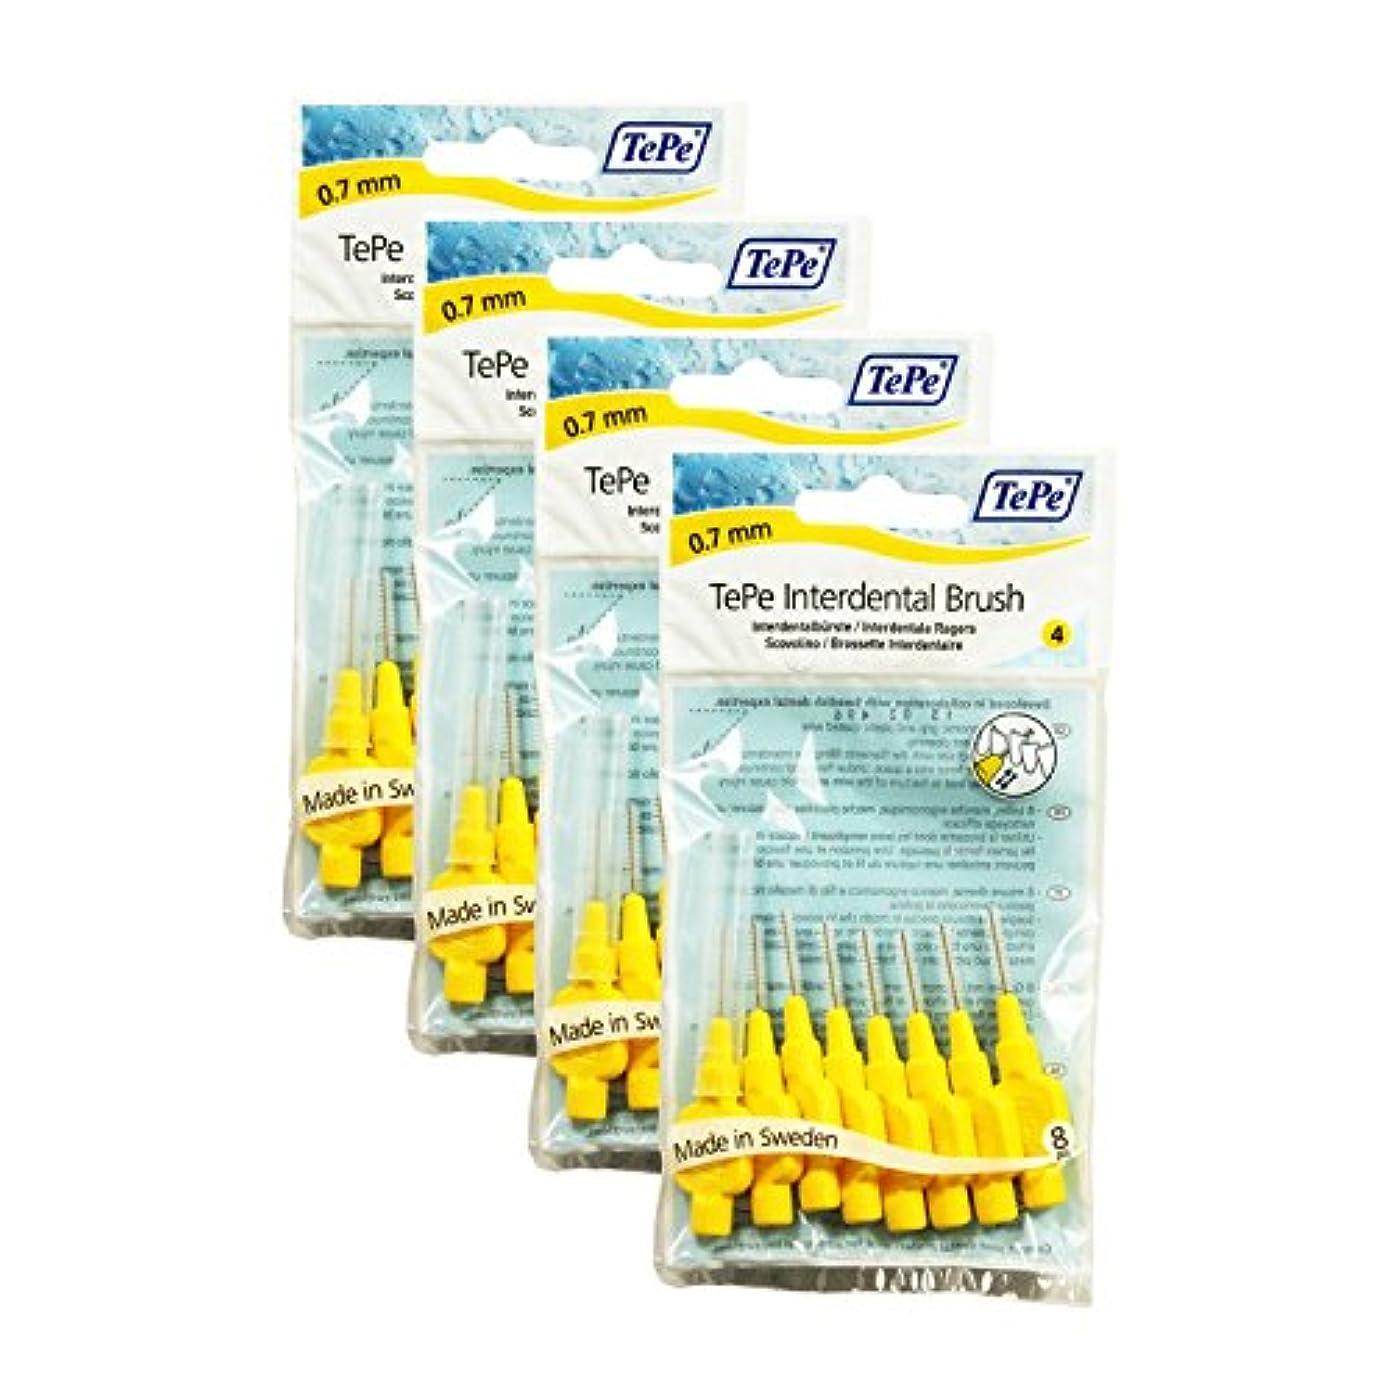 問い合わせる他のバンドでほめるTePe Interdental Brushes 0.7mm Yellow - 4 Packets of 8 (32 Brushes) by TePe